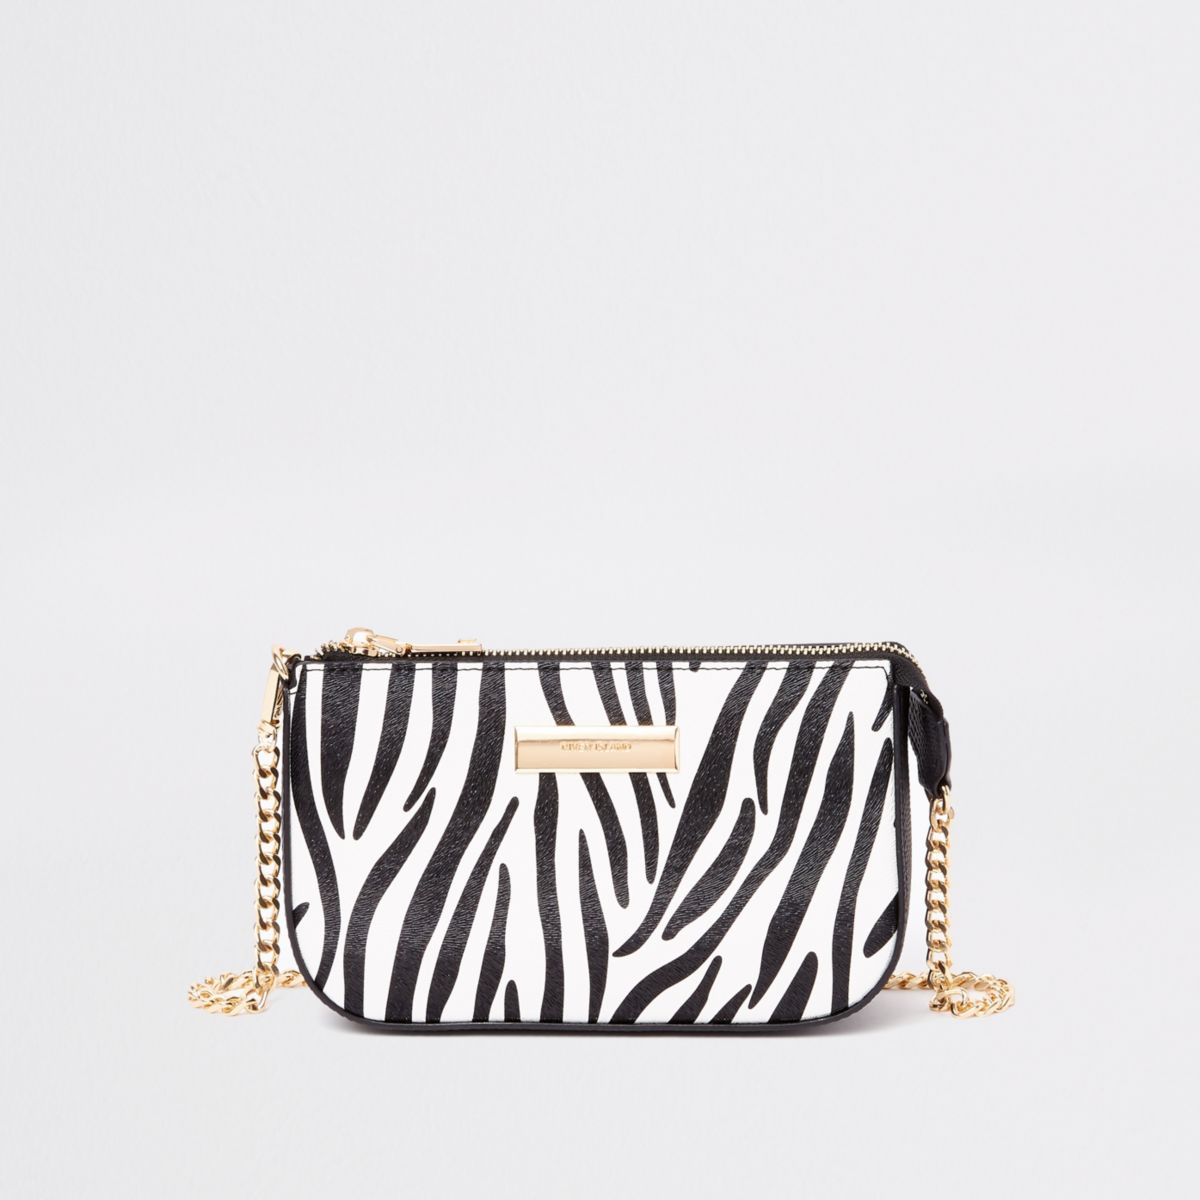 Black zebra print mini chain shoulder bag